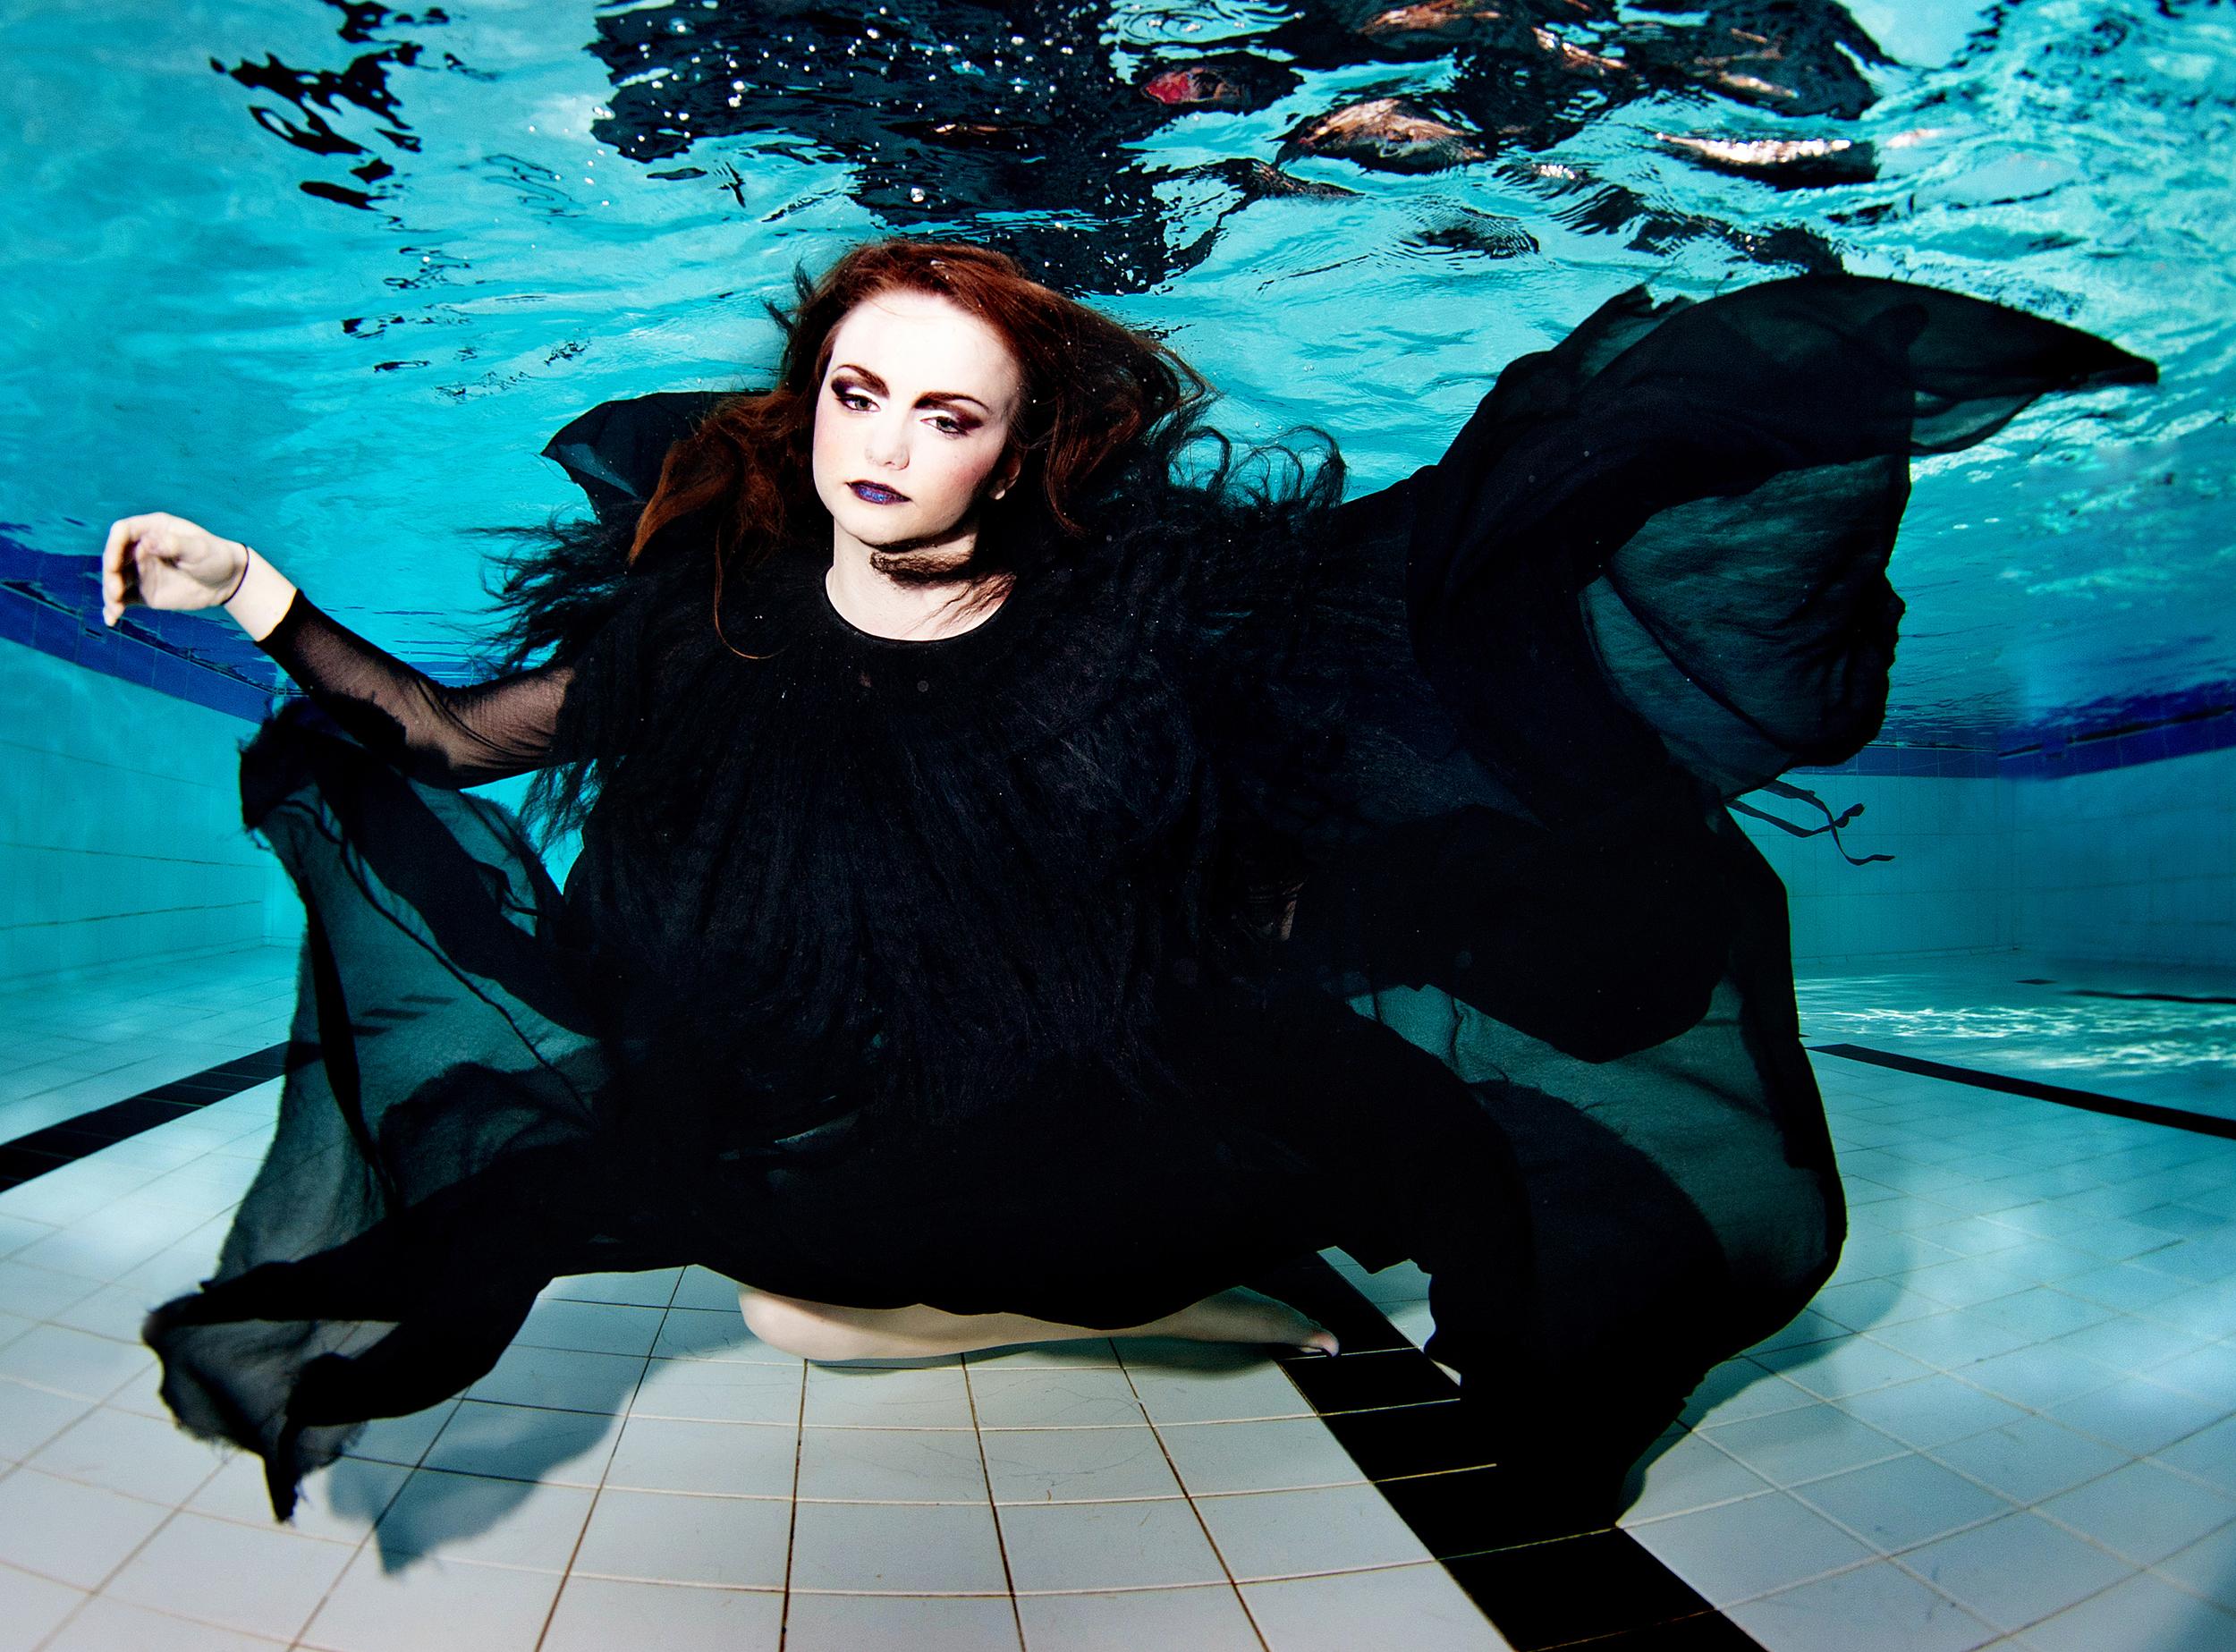 Underwater (28).jpg